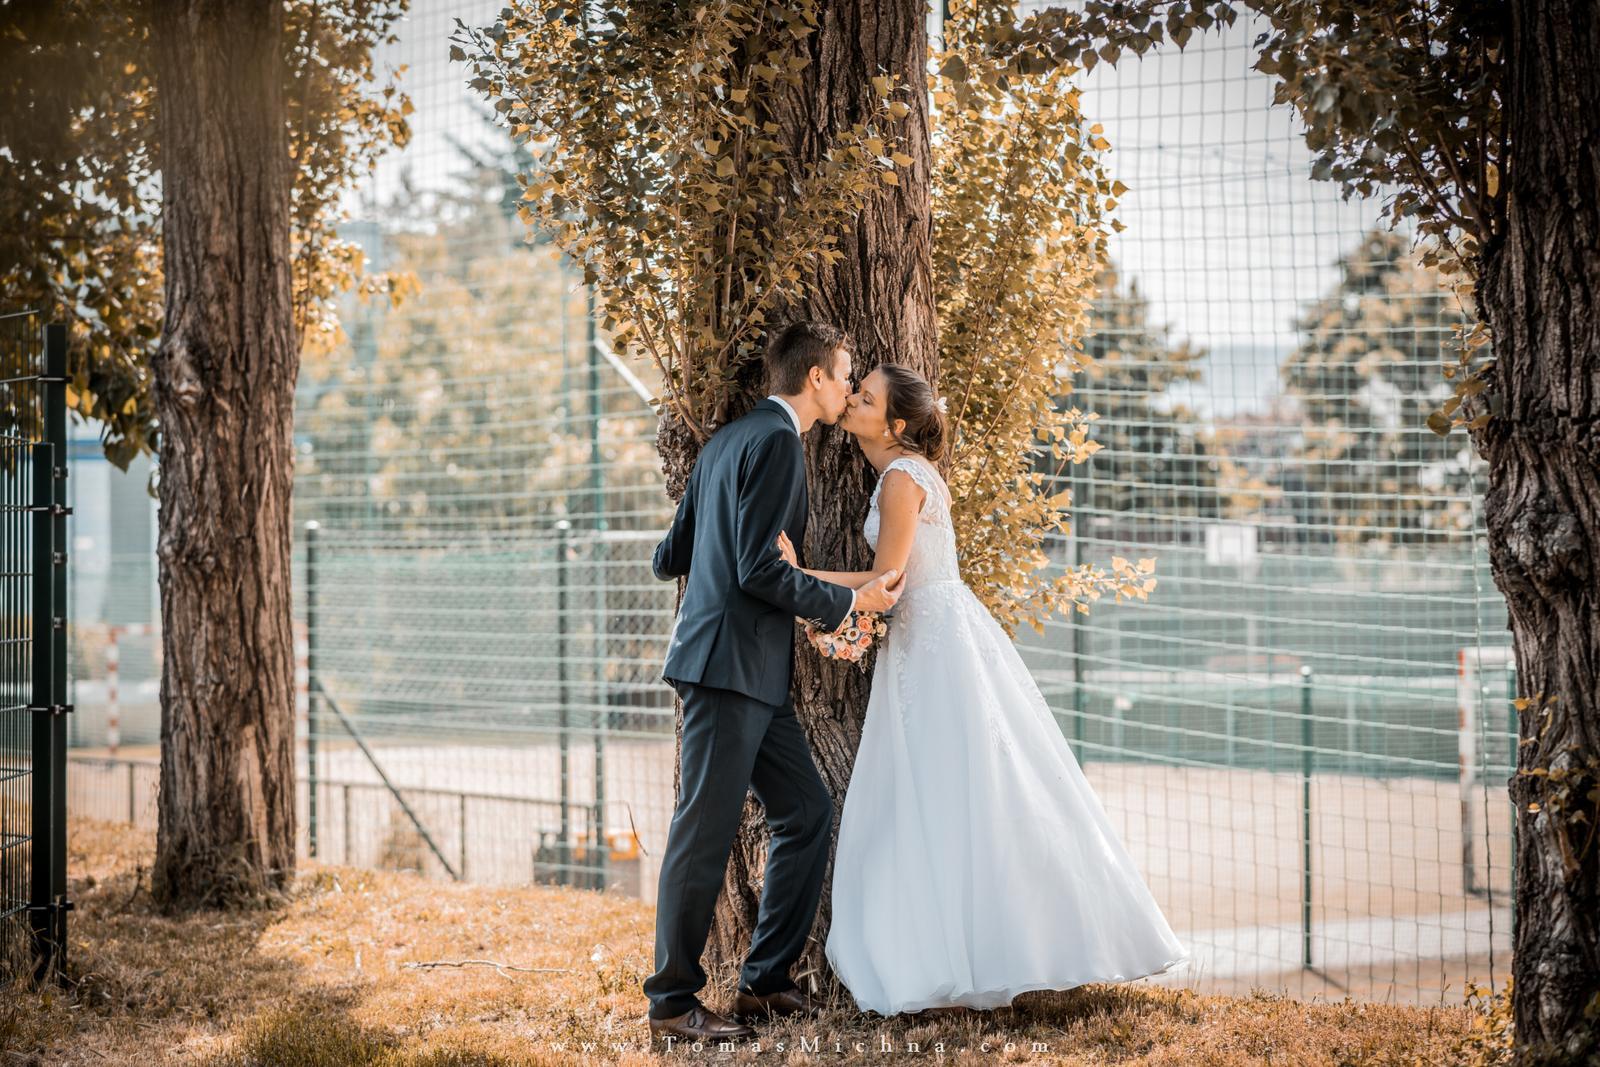 Svatba v Brně ♥ Helča & Martin ♥ 15.6.2019 ♥ - Obrázok č. 13